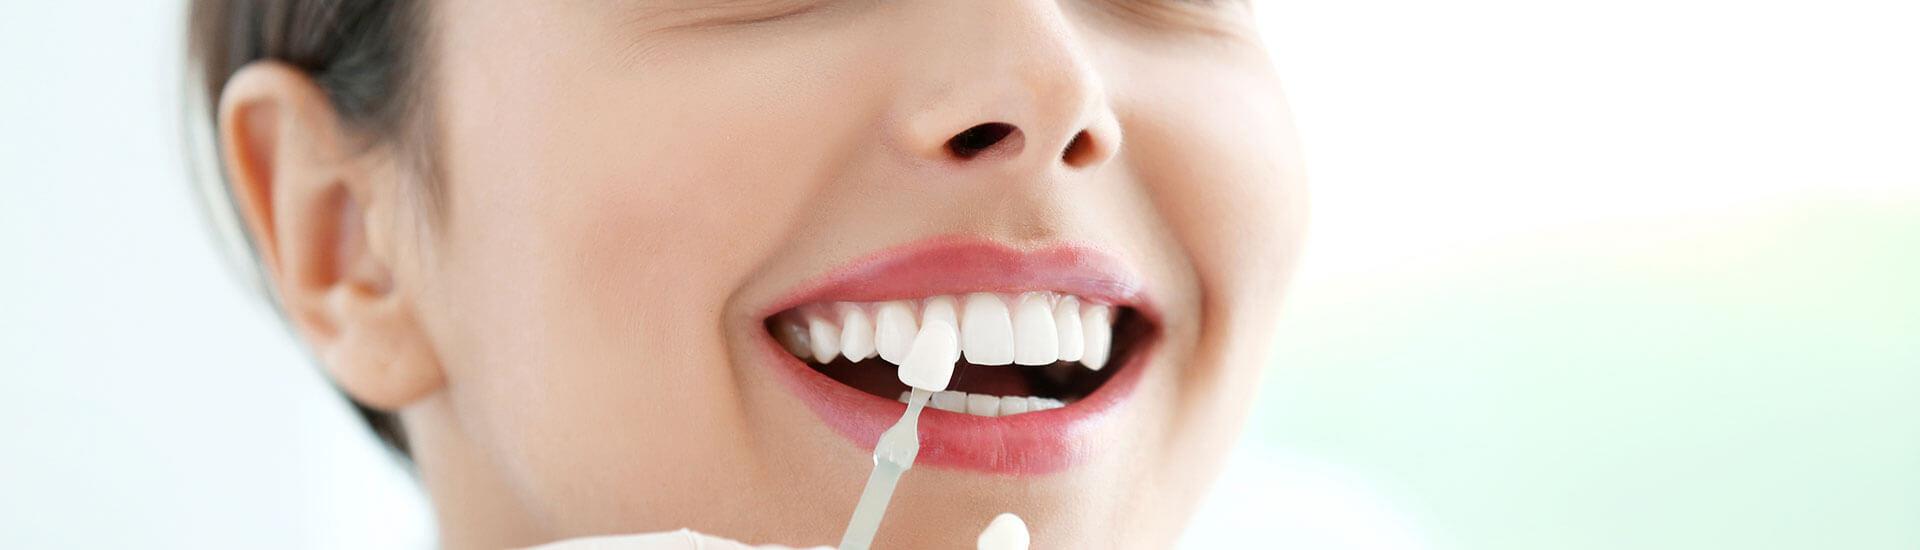 Same-Day Dental